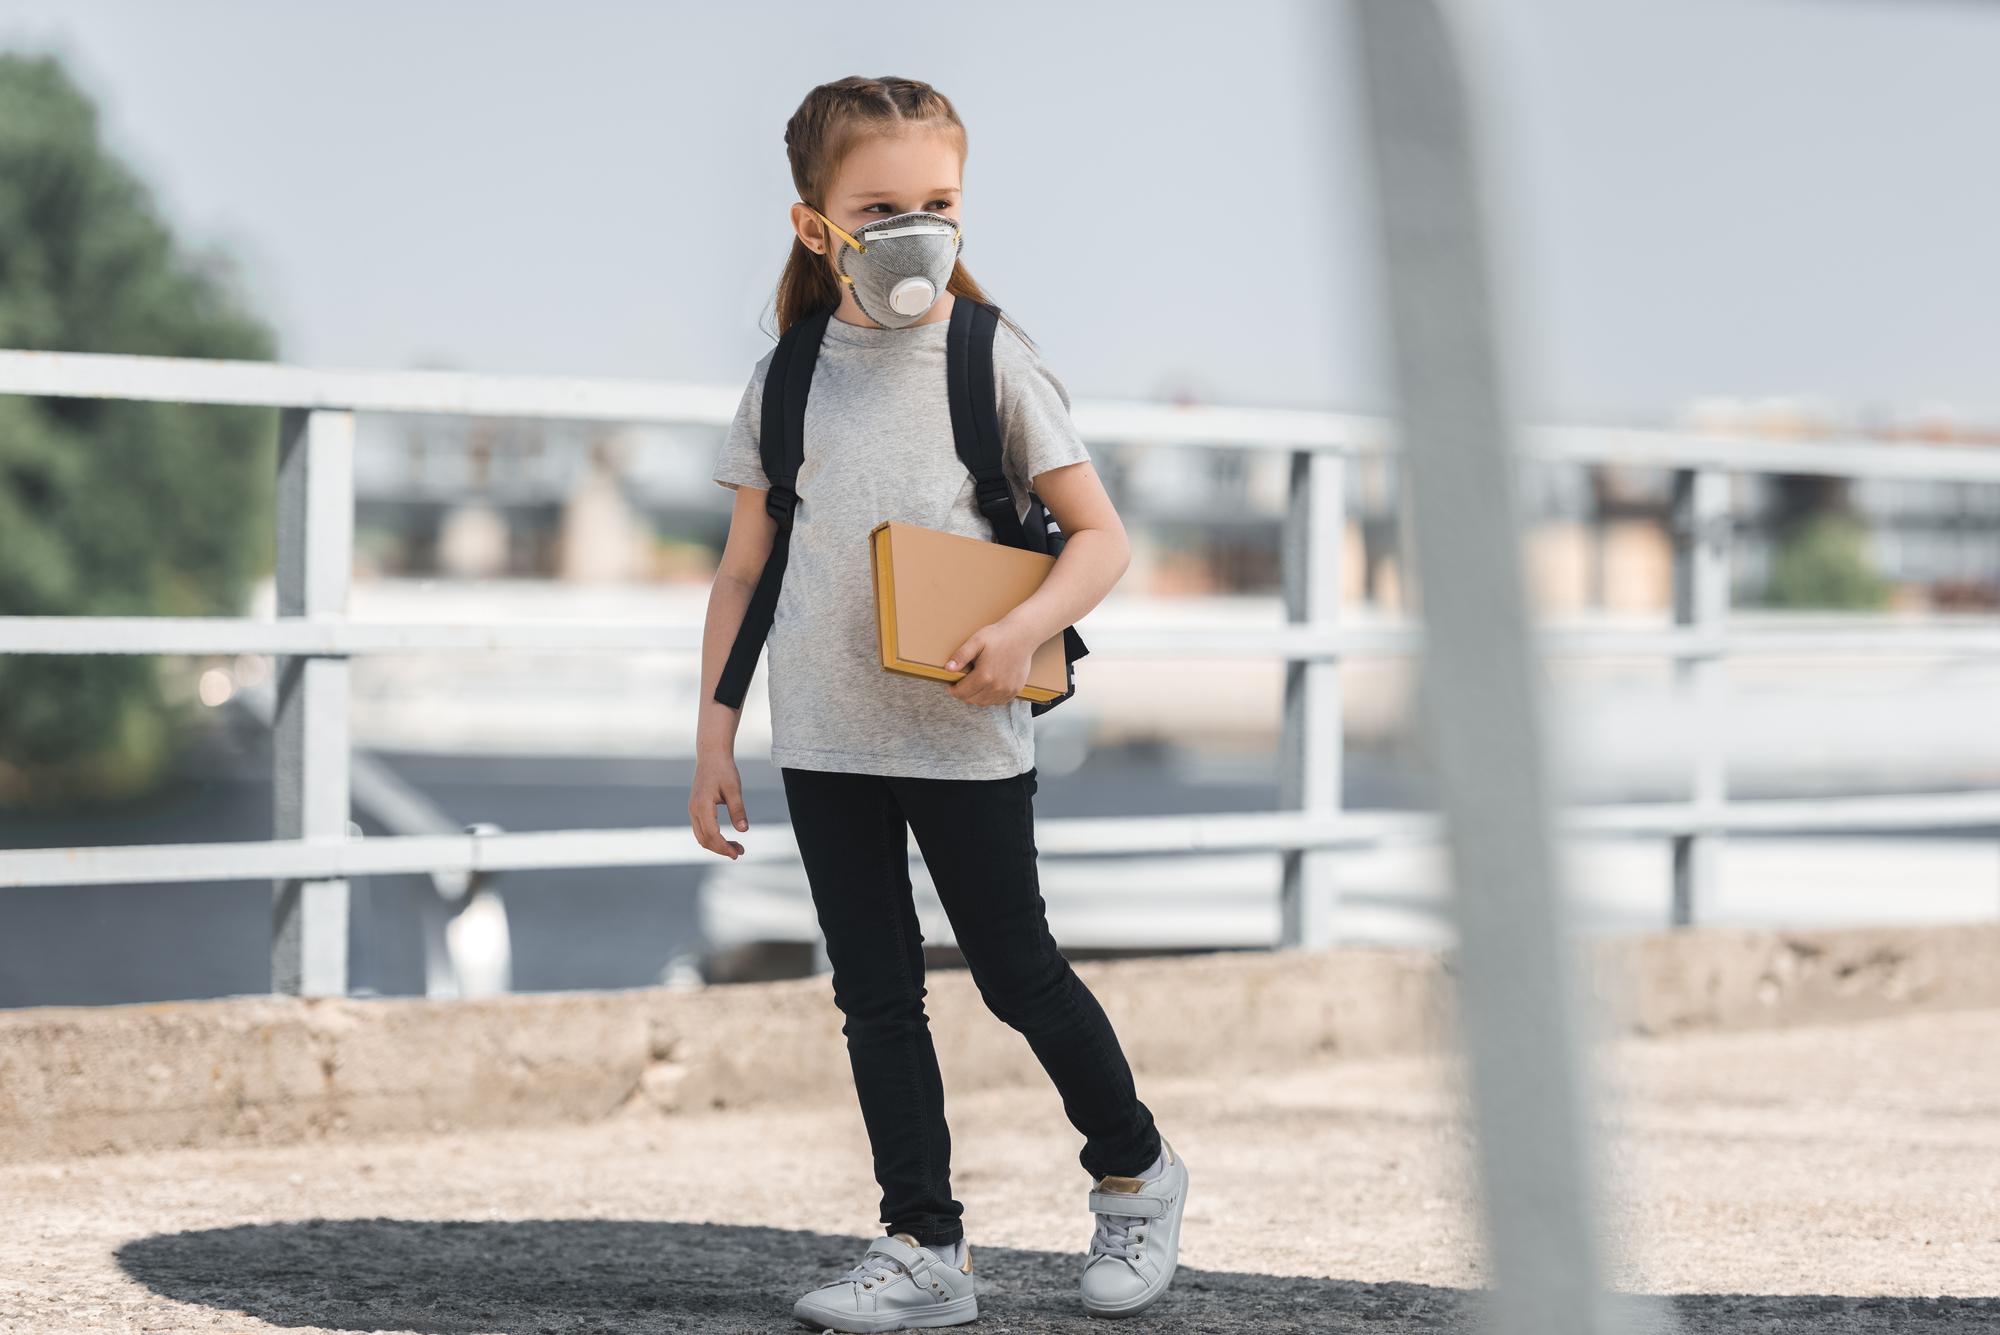 Штамм B.1.1.7 коронавируса SARS-CoV-2 относительно быстро распространяется по начальным школам Европы. Это грозит школьникам, их родителям иучителям новым долгим карантином.